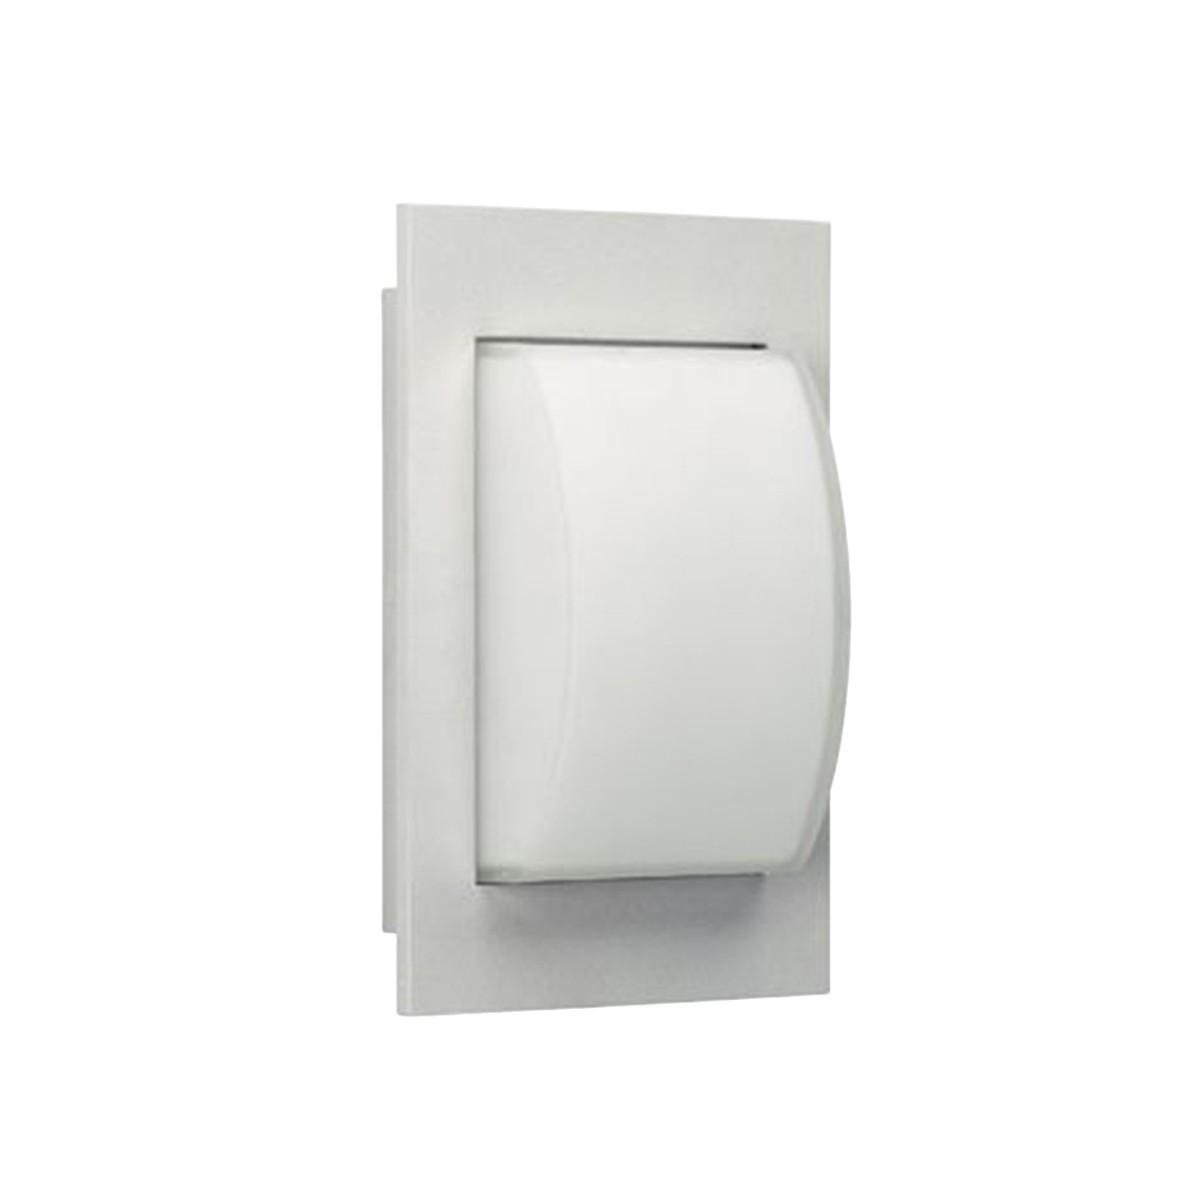 Albert 6208 Wand- / Deckenleuchte, weiß